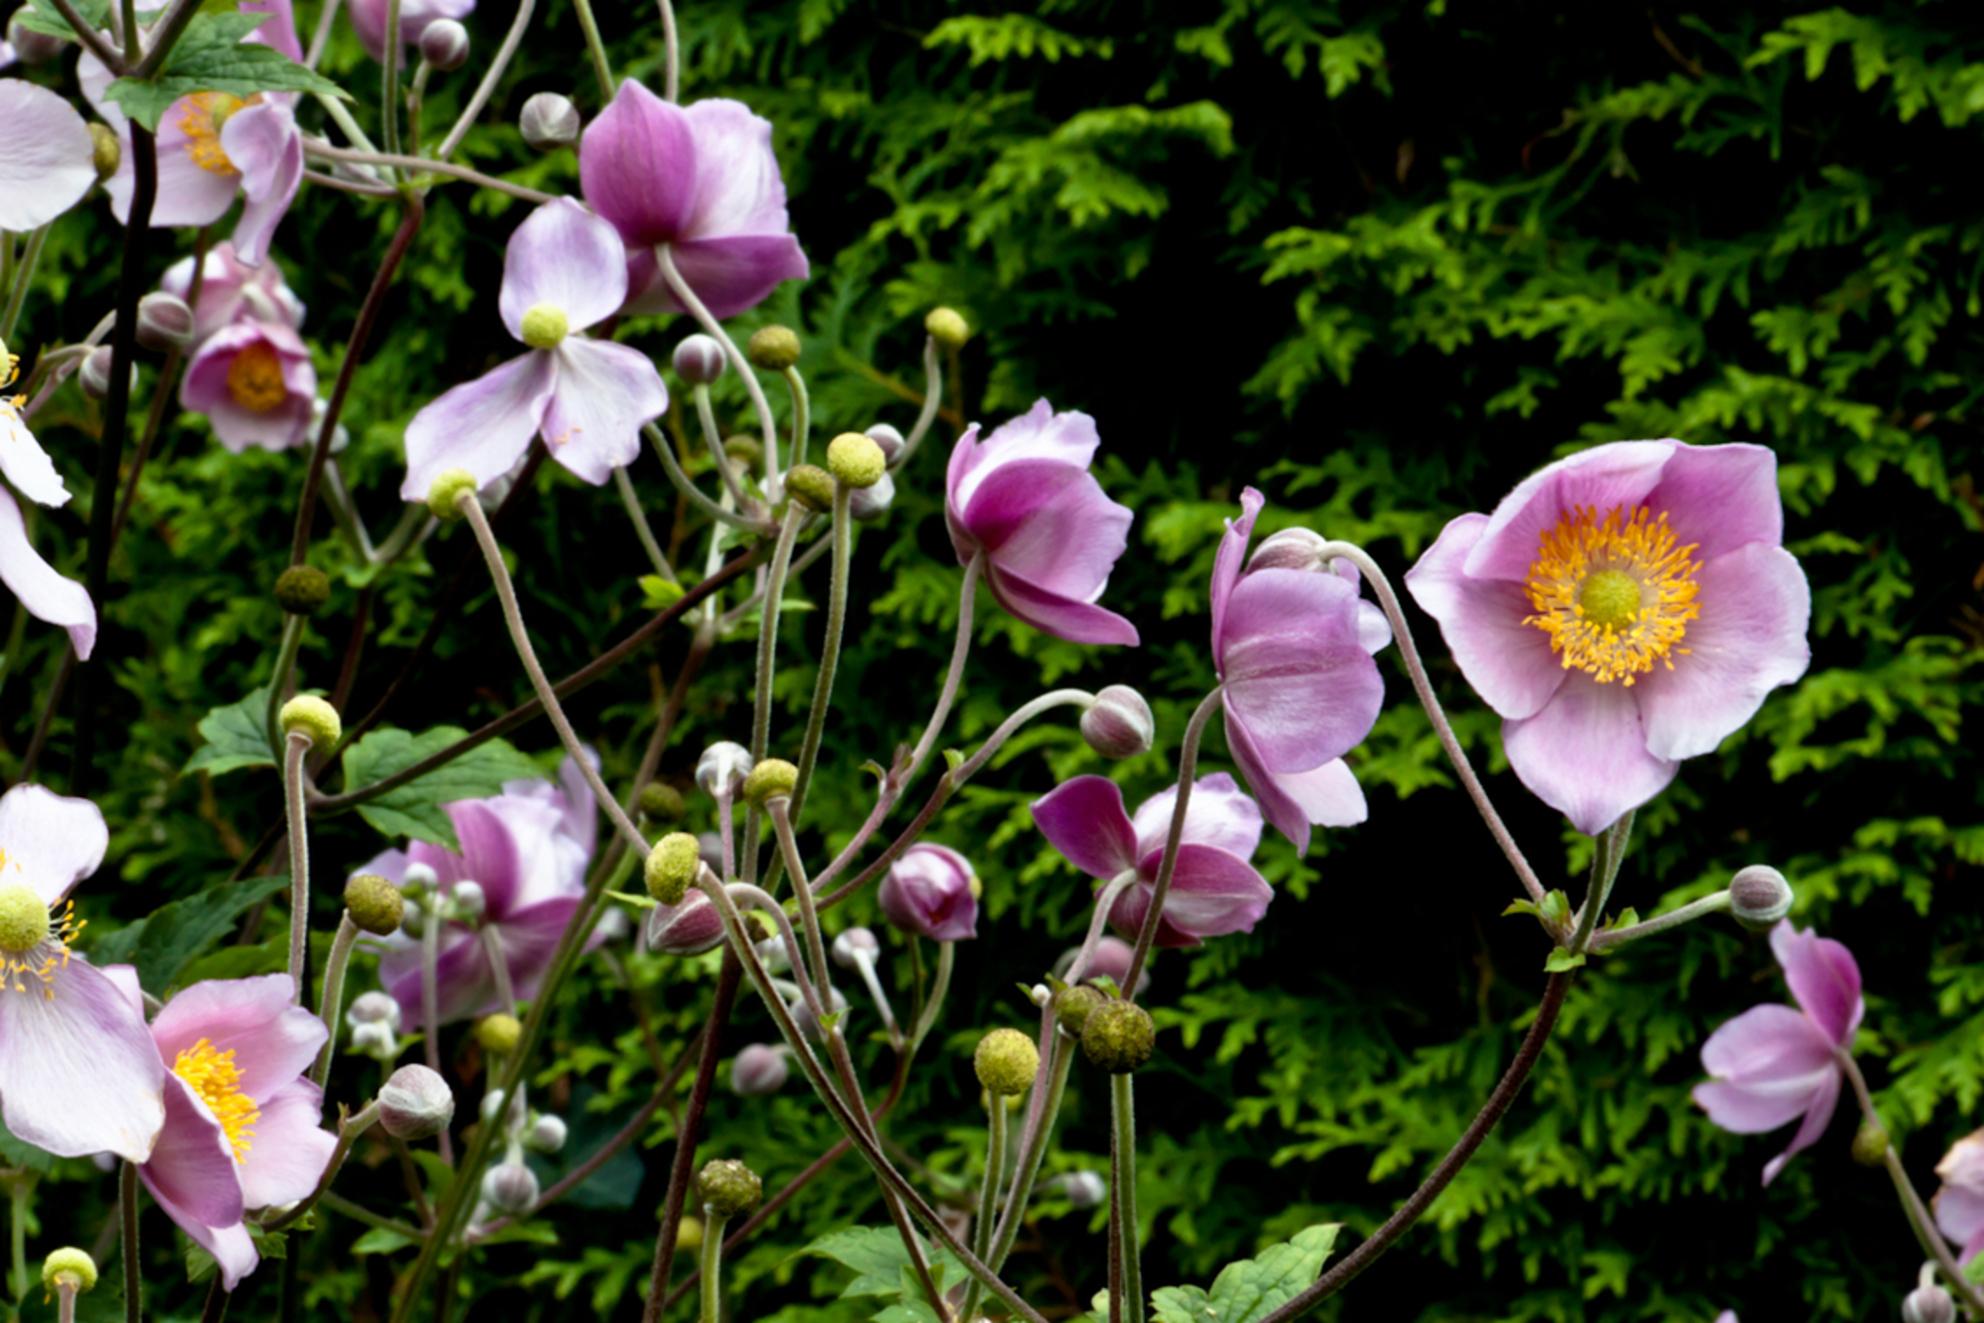 La Fleur... - Gevonden in mijn tuin..  Gemaakt met een 18-135 mm lens.  Uiteraard op statief. - foto door Roy.vanOmmen op 17-08-2011 - deze foto bevat: roze, bloem, lente, natuur, geel, herfst, winter, zomer, lelystad, statief, heg, 500d - Deze foto mag gebruikt worden in een Zoom.nl publicatie